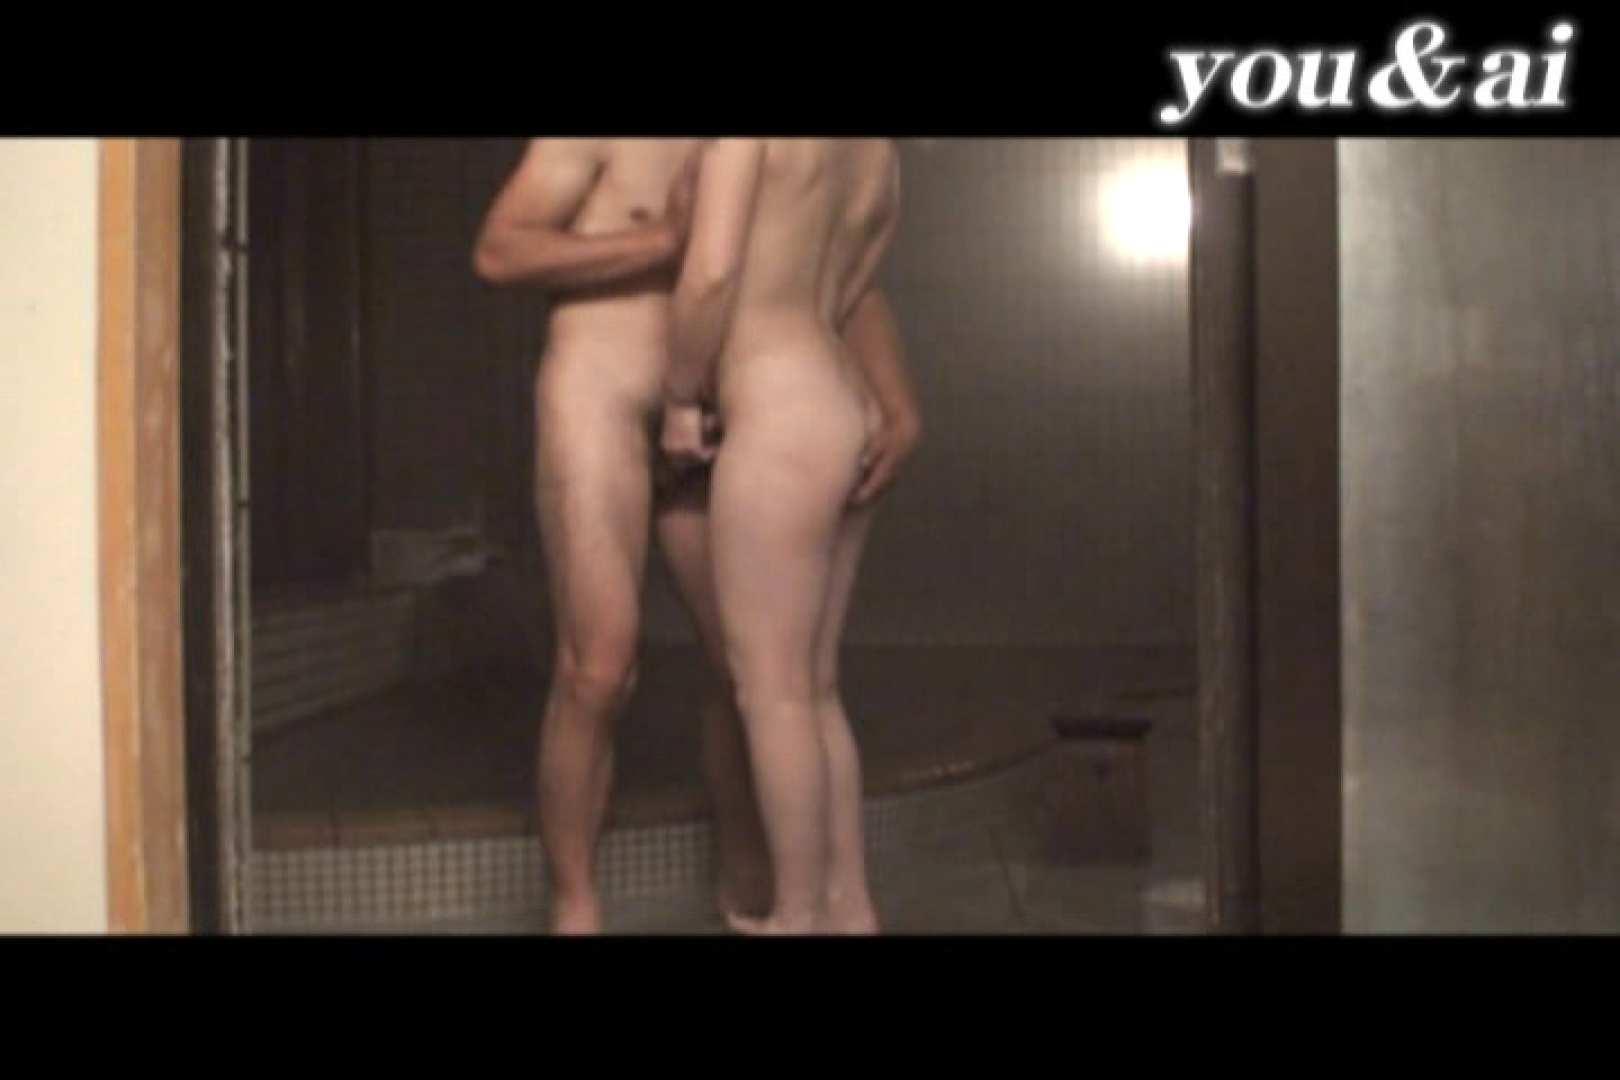 おしどり夫婦のyou&aiさん投稿作品vol.19 投稿映像 アダルト動画キャプチャ 55pic 26